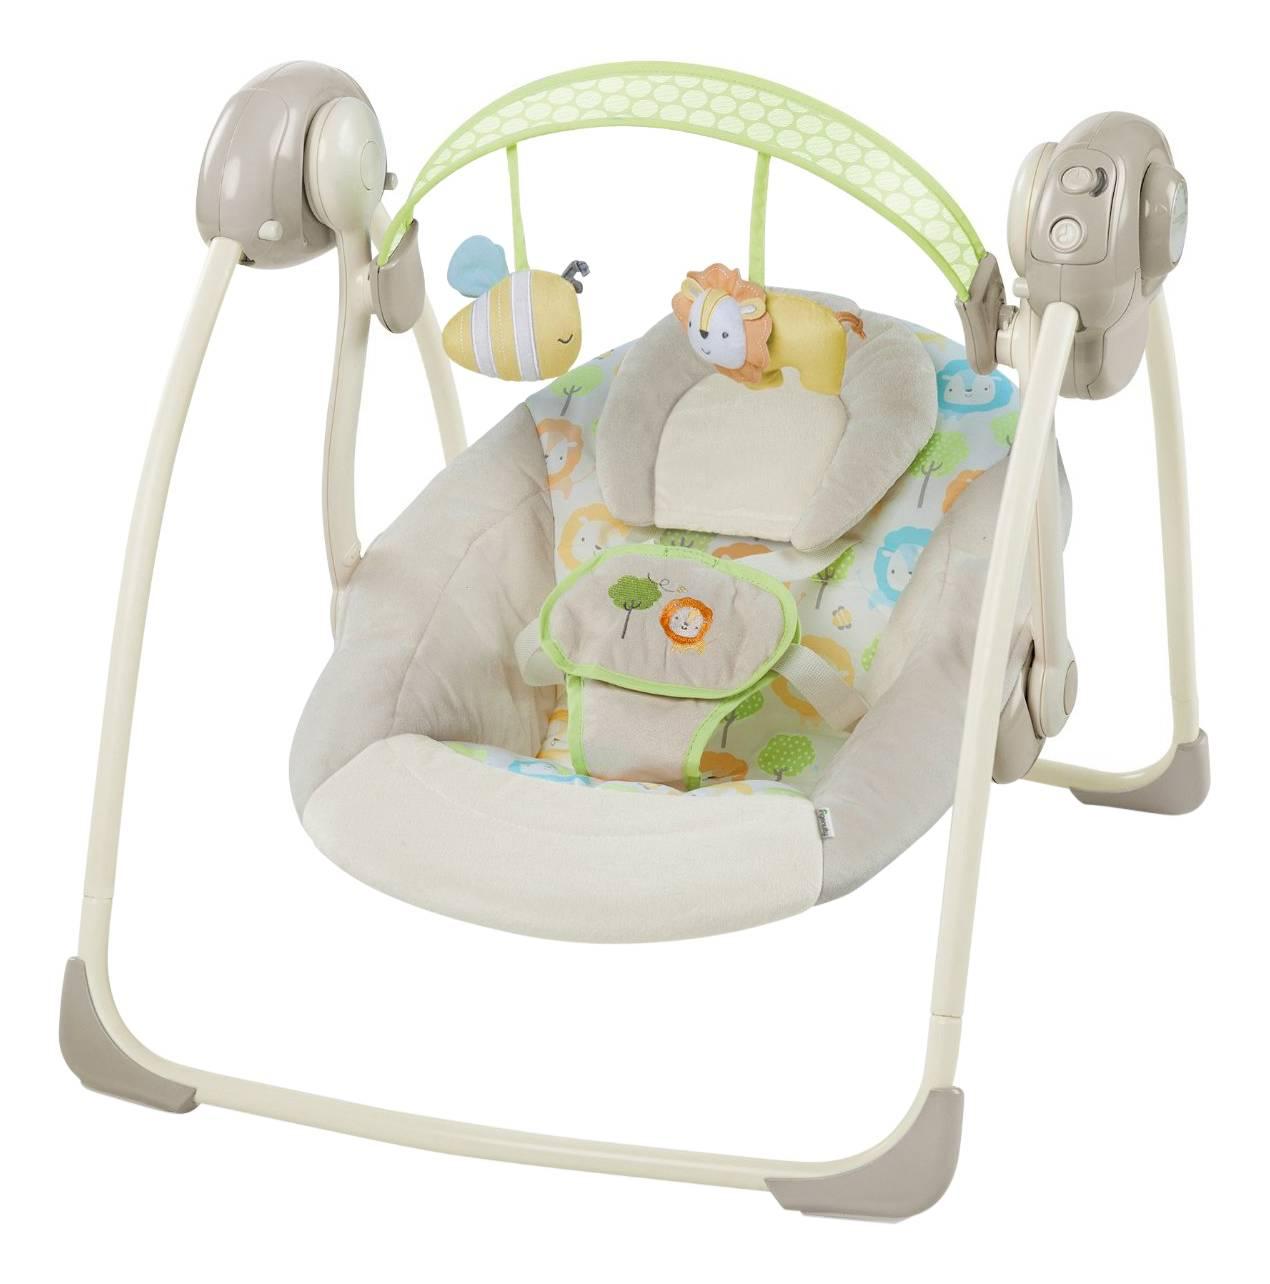 Все о электрокачелях для новорожденных